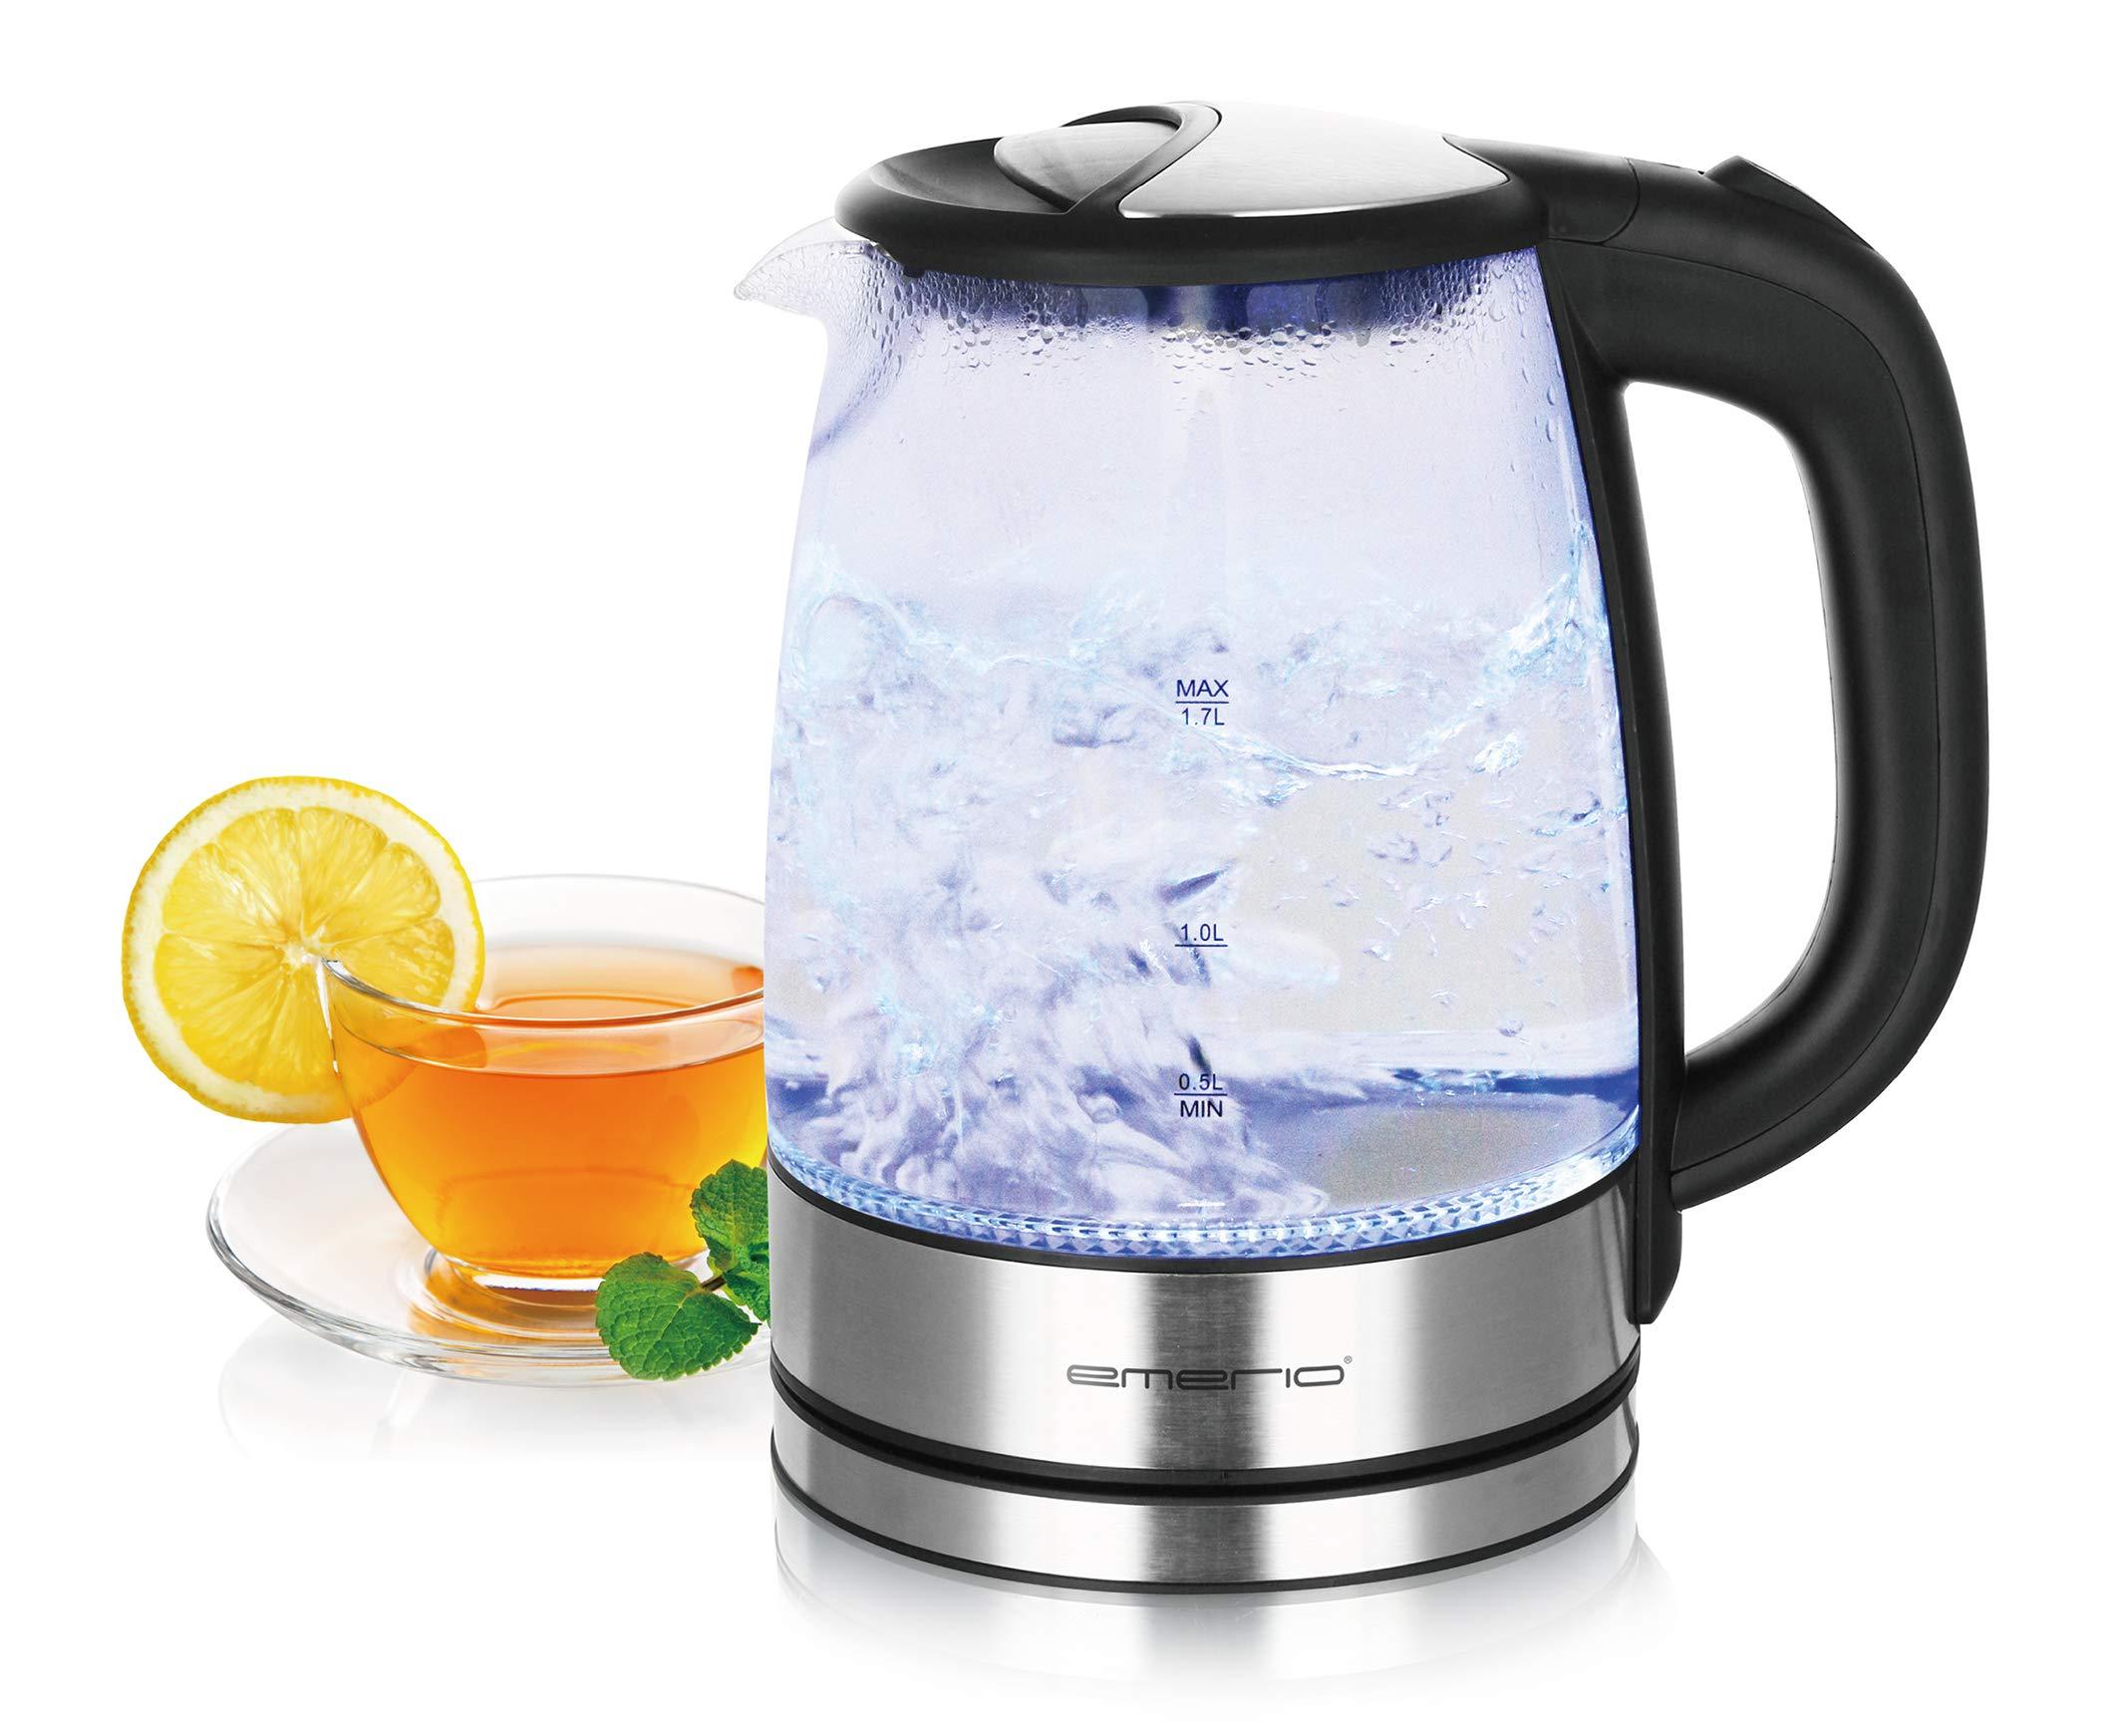 Emerio-WK-119988-Glas-Wasserkocher17-Liter-2200-Watt-LED-Innenbeleuchtung-360-Basis-17-liters-Schwarz-Edelstahl